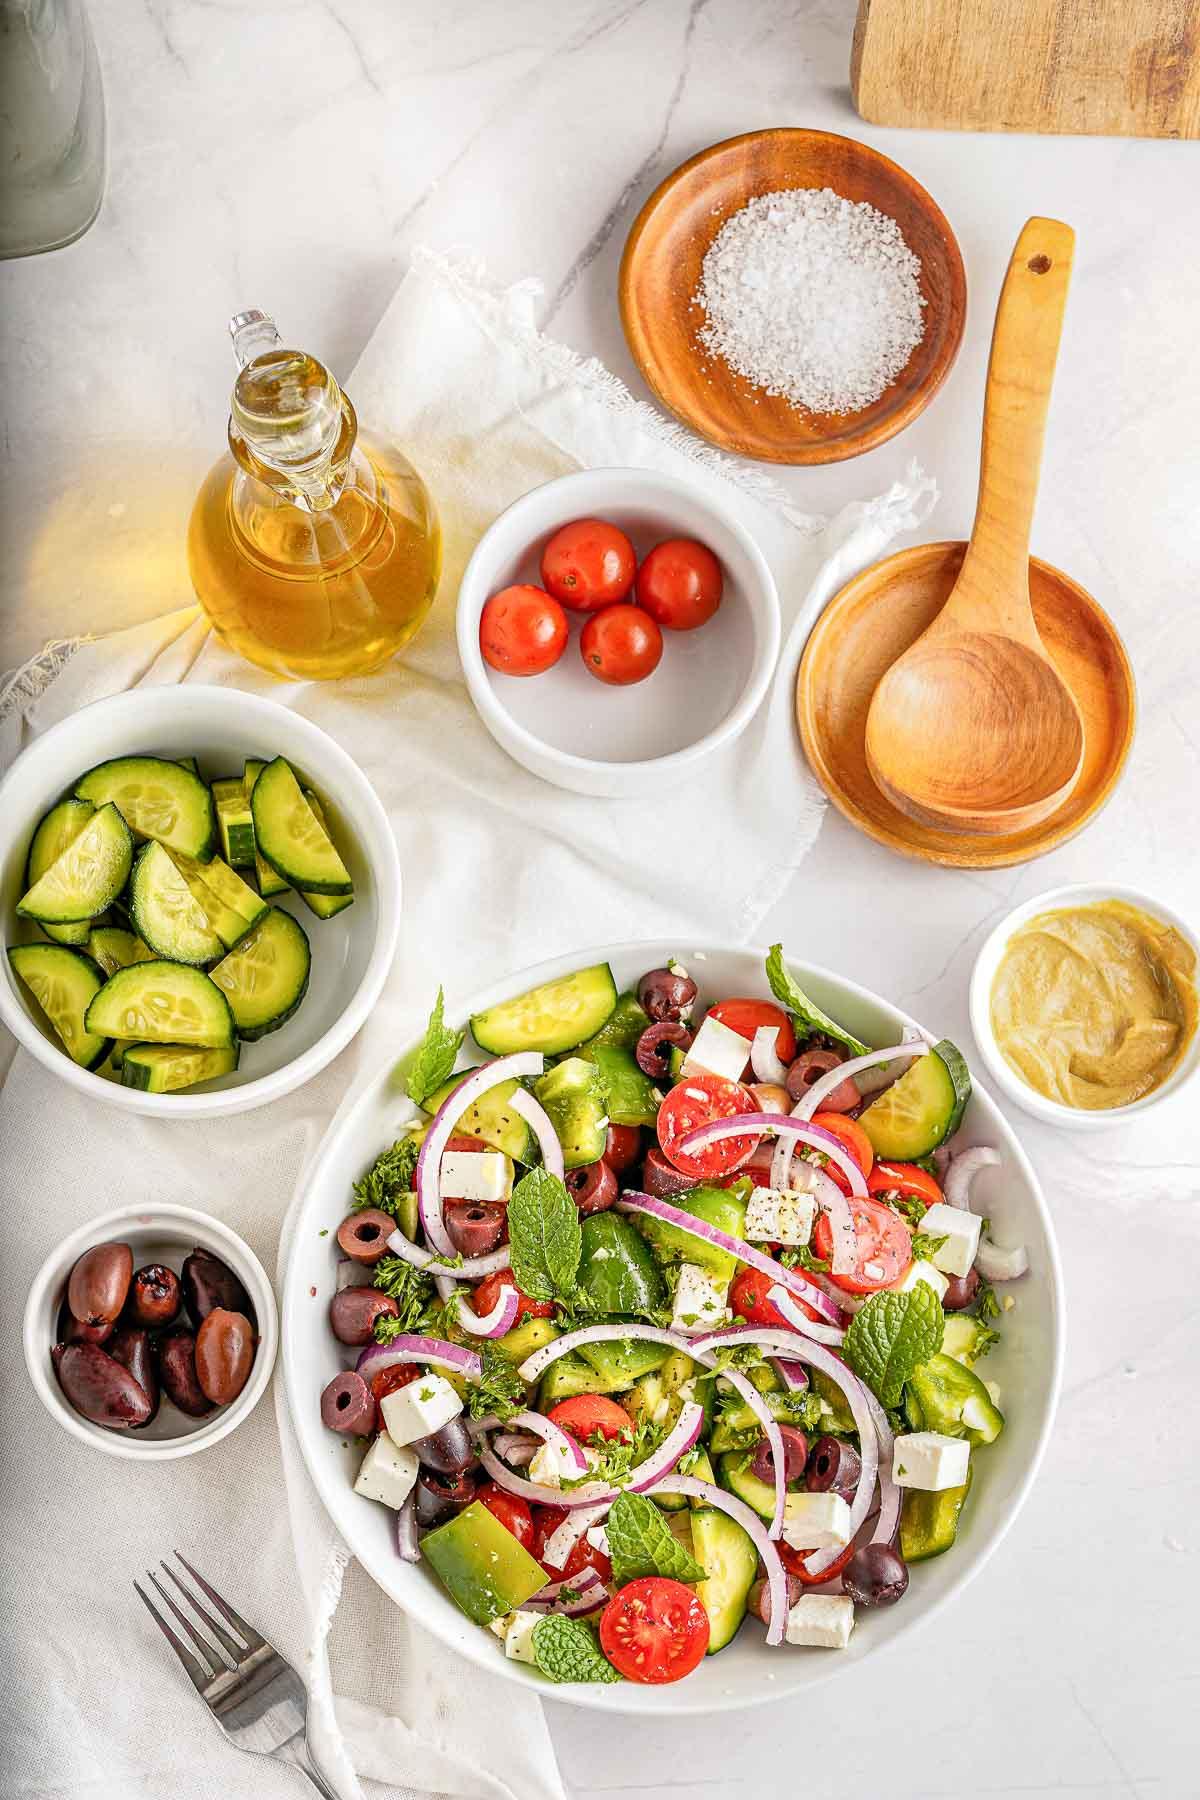 greek salad with dressing ingredients